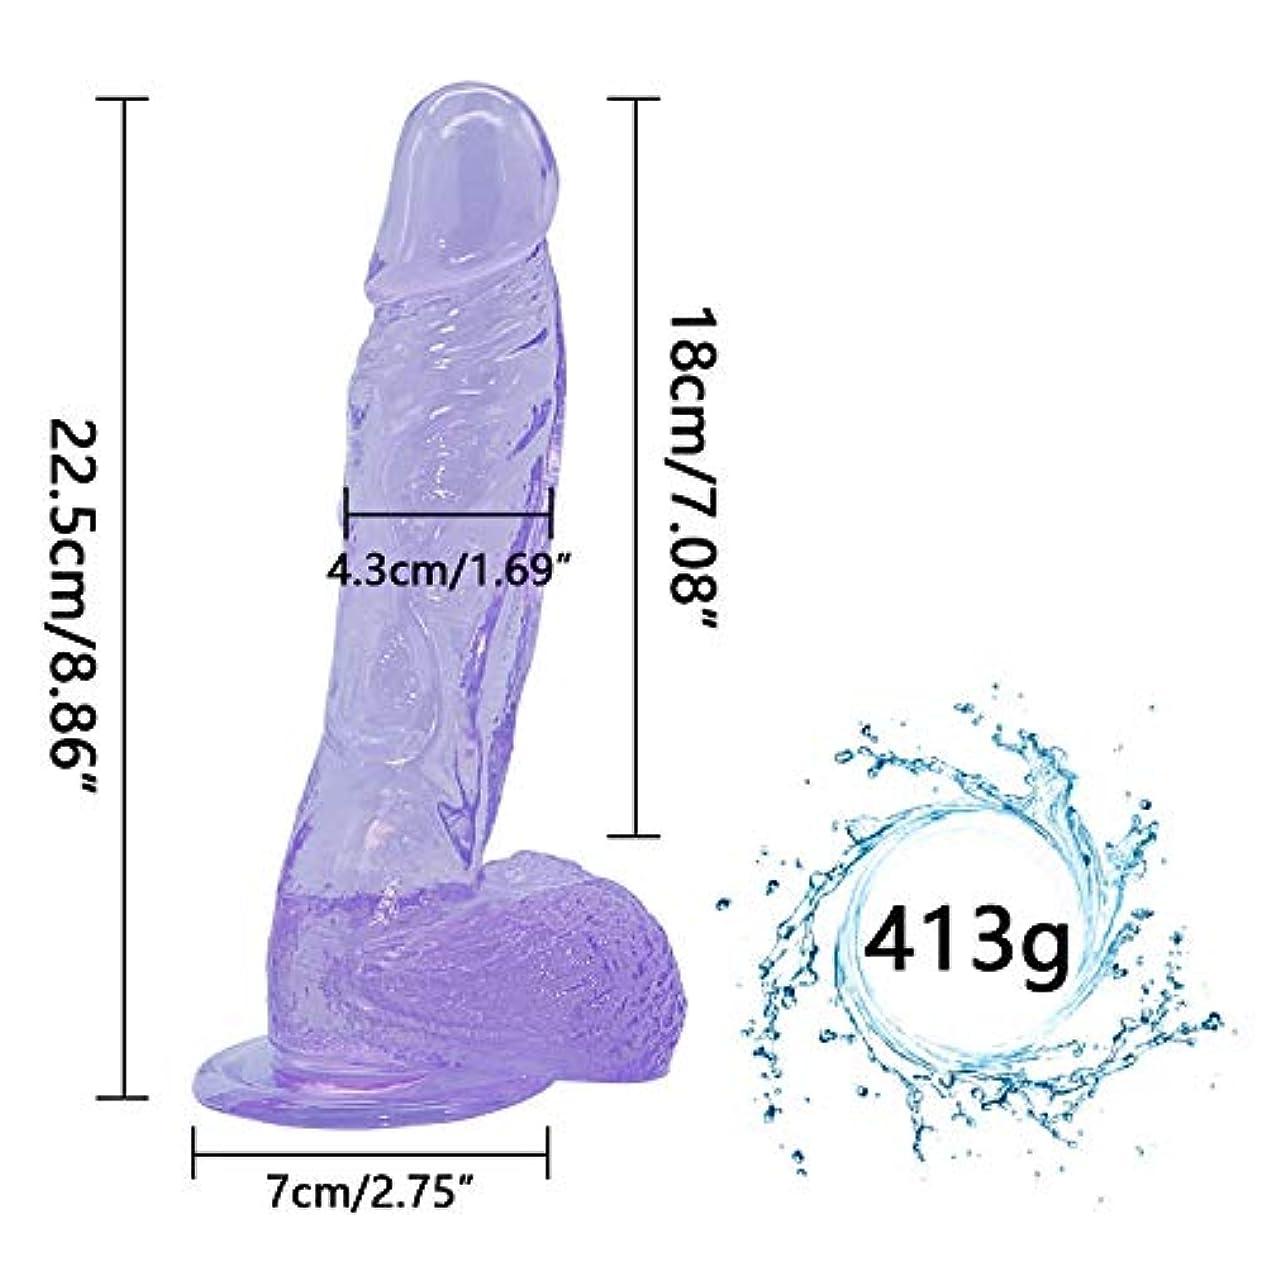 顕微鏡シャーロットブロンテワーカーChenXiDian 巨大な洞8.86インチのリアルなマッサージャー強力なサクションカップボディマッサージを備えた巨大なマッサージャー-機密配送-慎重な配送-出会いは秘密です 本当の感触